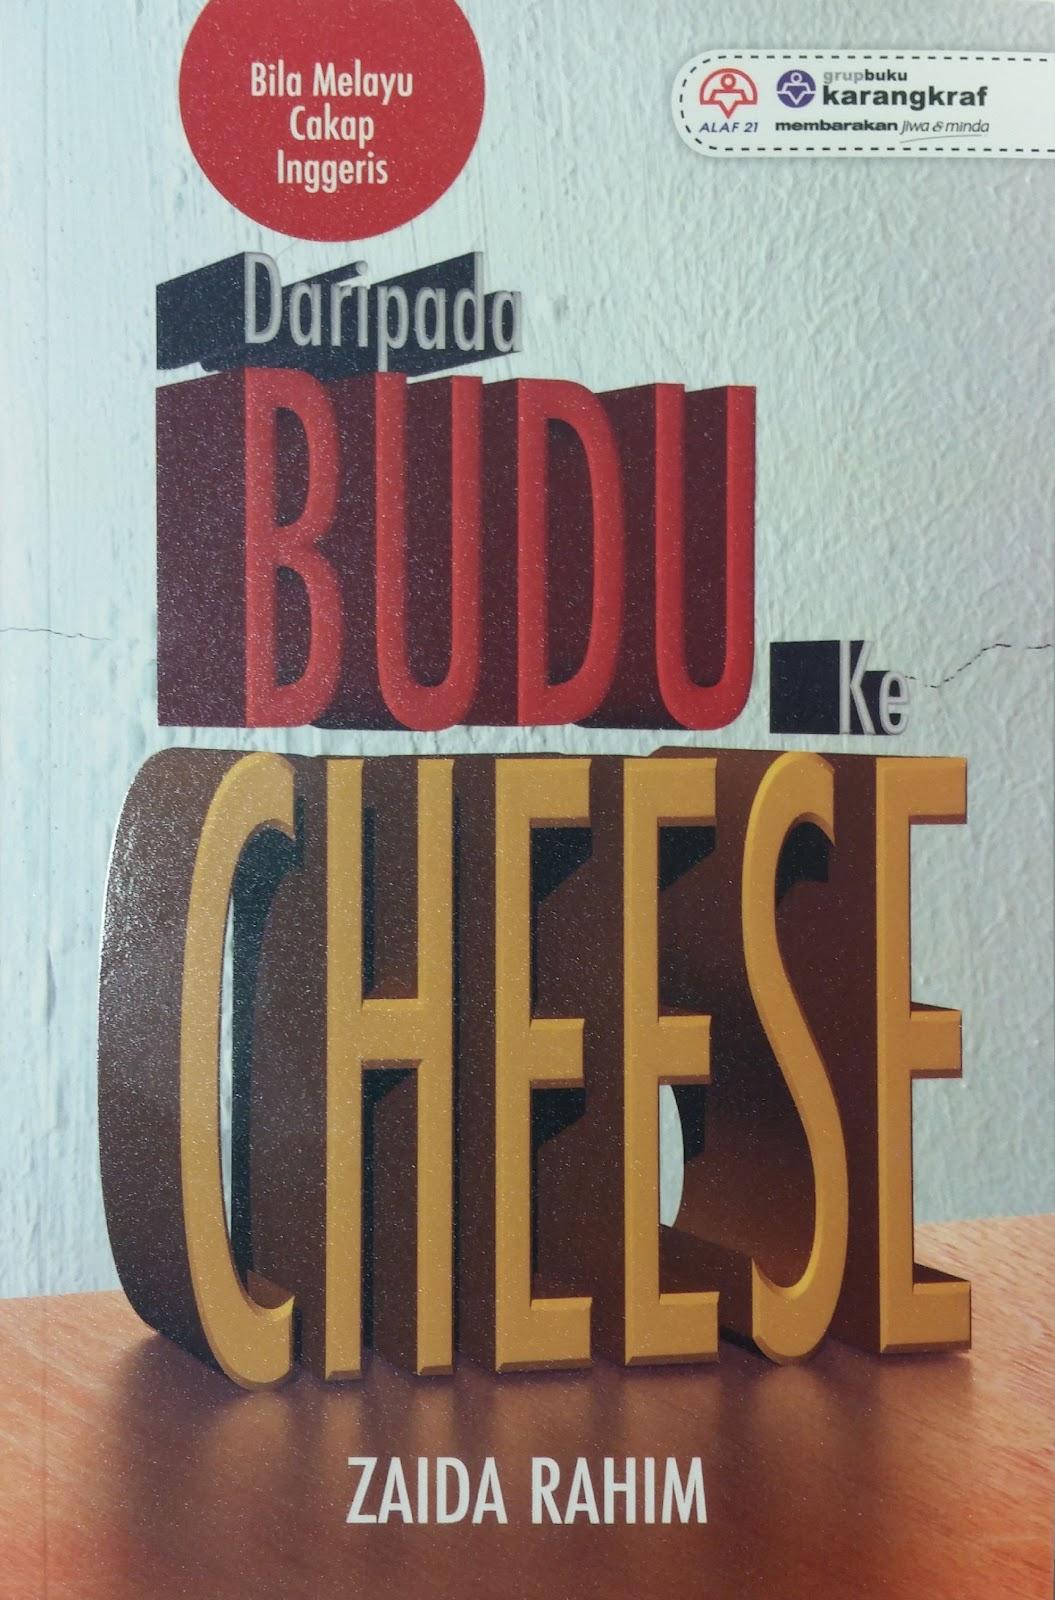 Daripada Budu Ke Cheese oleh Zaida Rahim